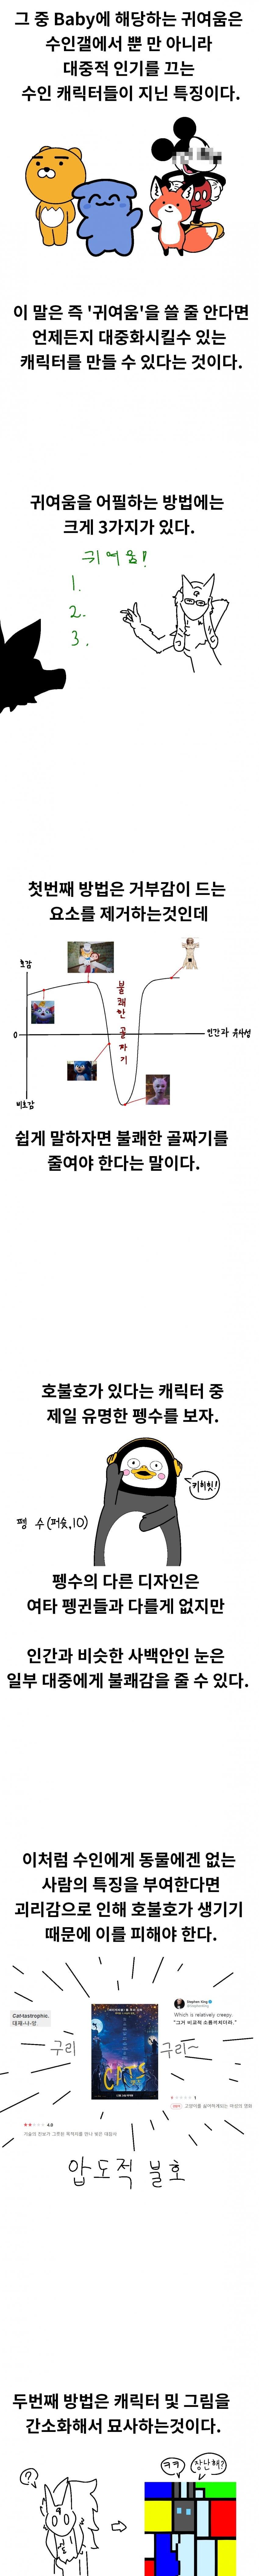 viewimage.php?id=2ba8c234fc&no=24b0d769e1d32ca73cec83fa11d0283146e1de228a7923f189a7bc55982b7e6958ff11bbcb8295d2d7a4c78b872f4fc2f76f0784640db39a1f80602503a08ae93937ab797999d92681351641d17a32692dae